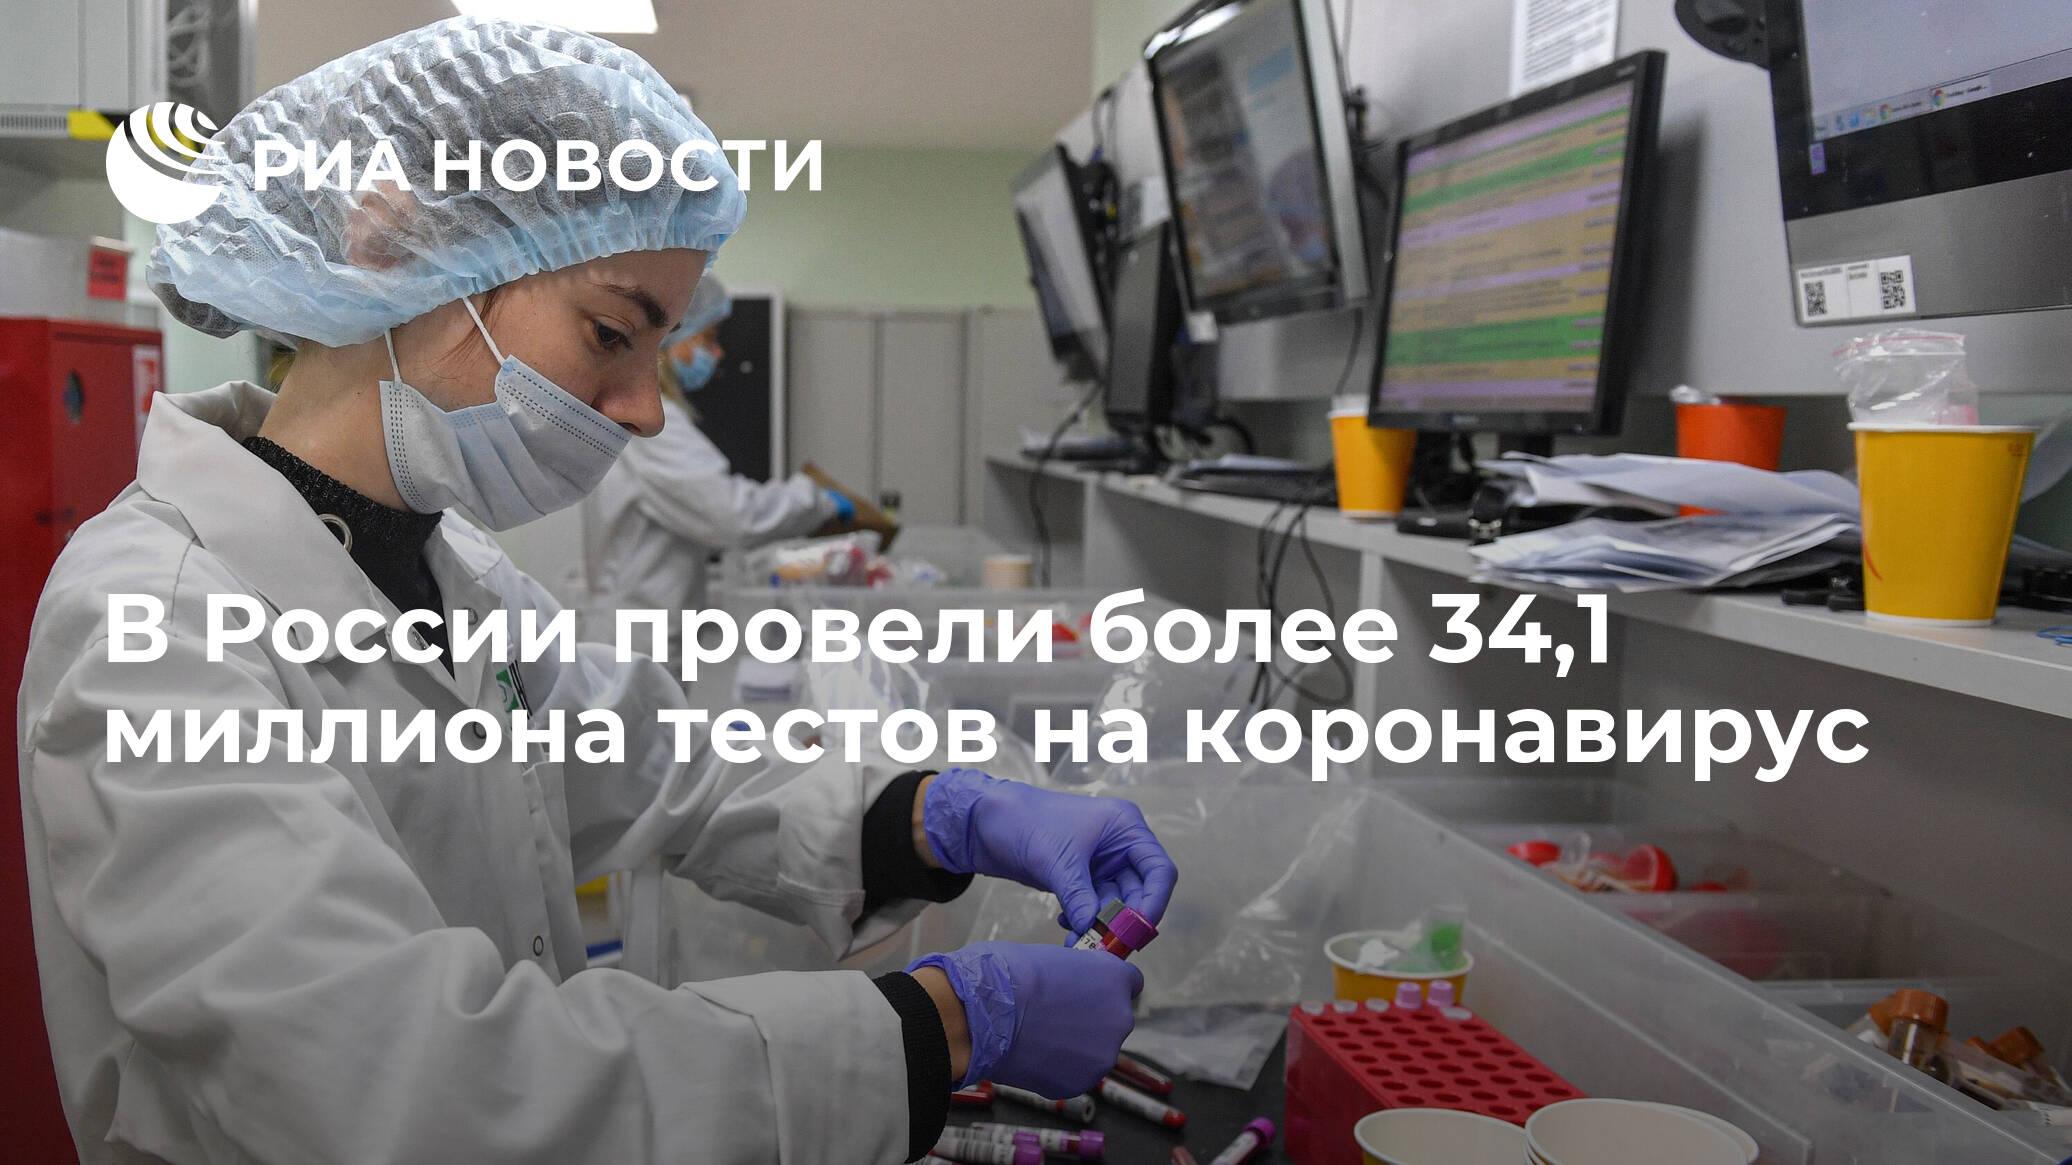 В России провели более 34,1 миллиона тестов на коронавирус